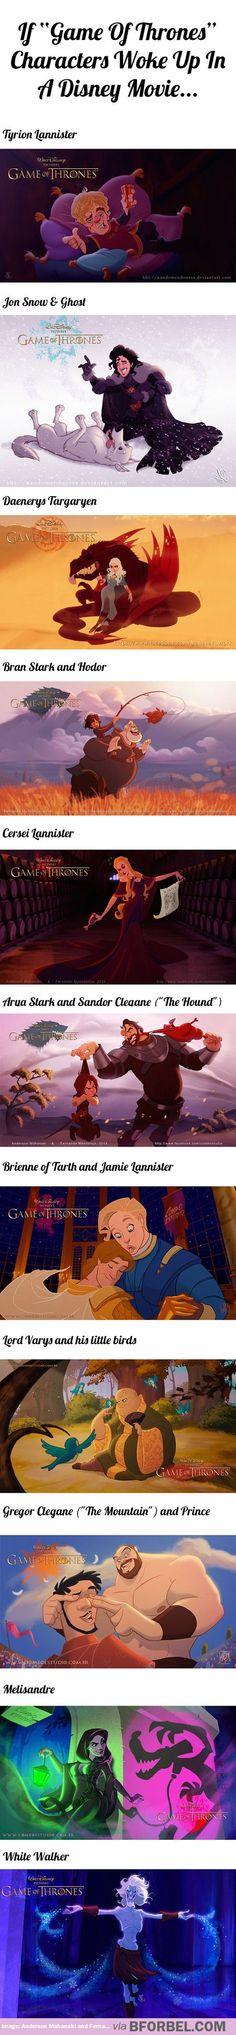 Avete mai pensato a #GameOFThrones in versione Disney?